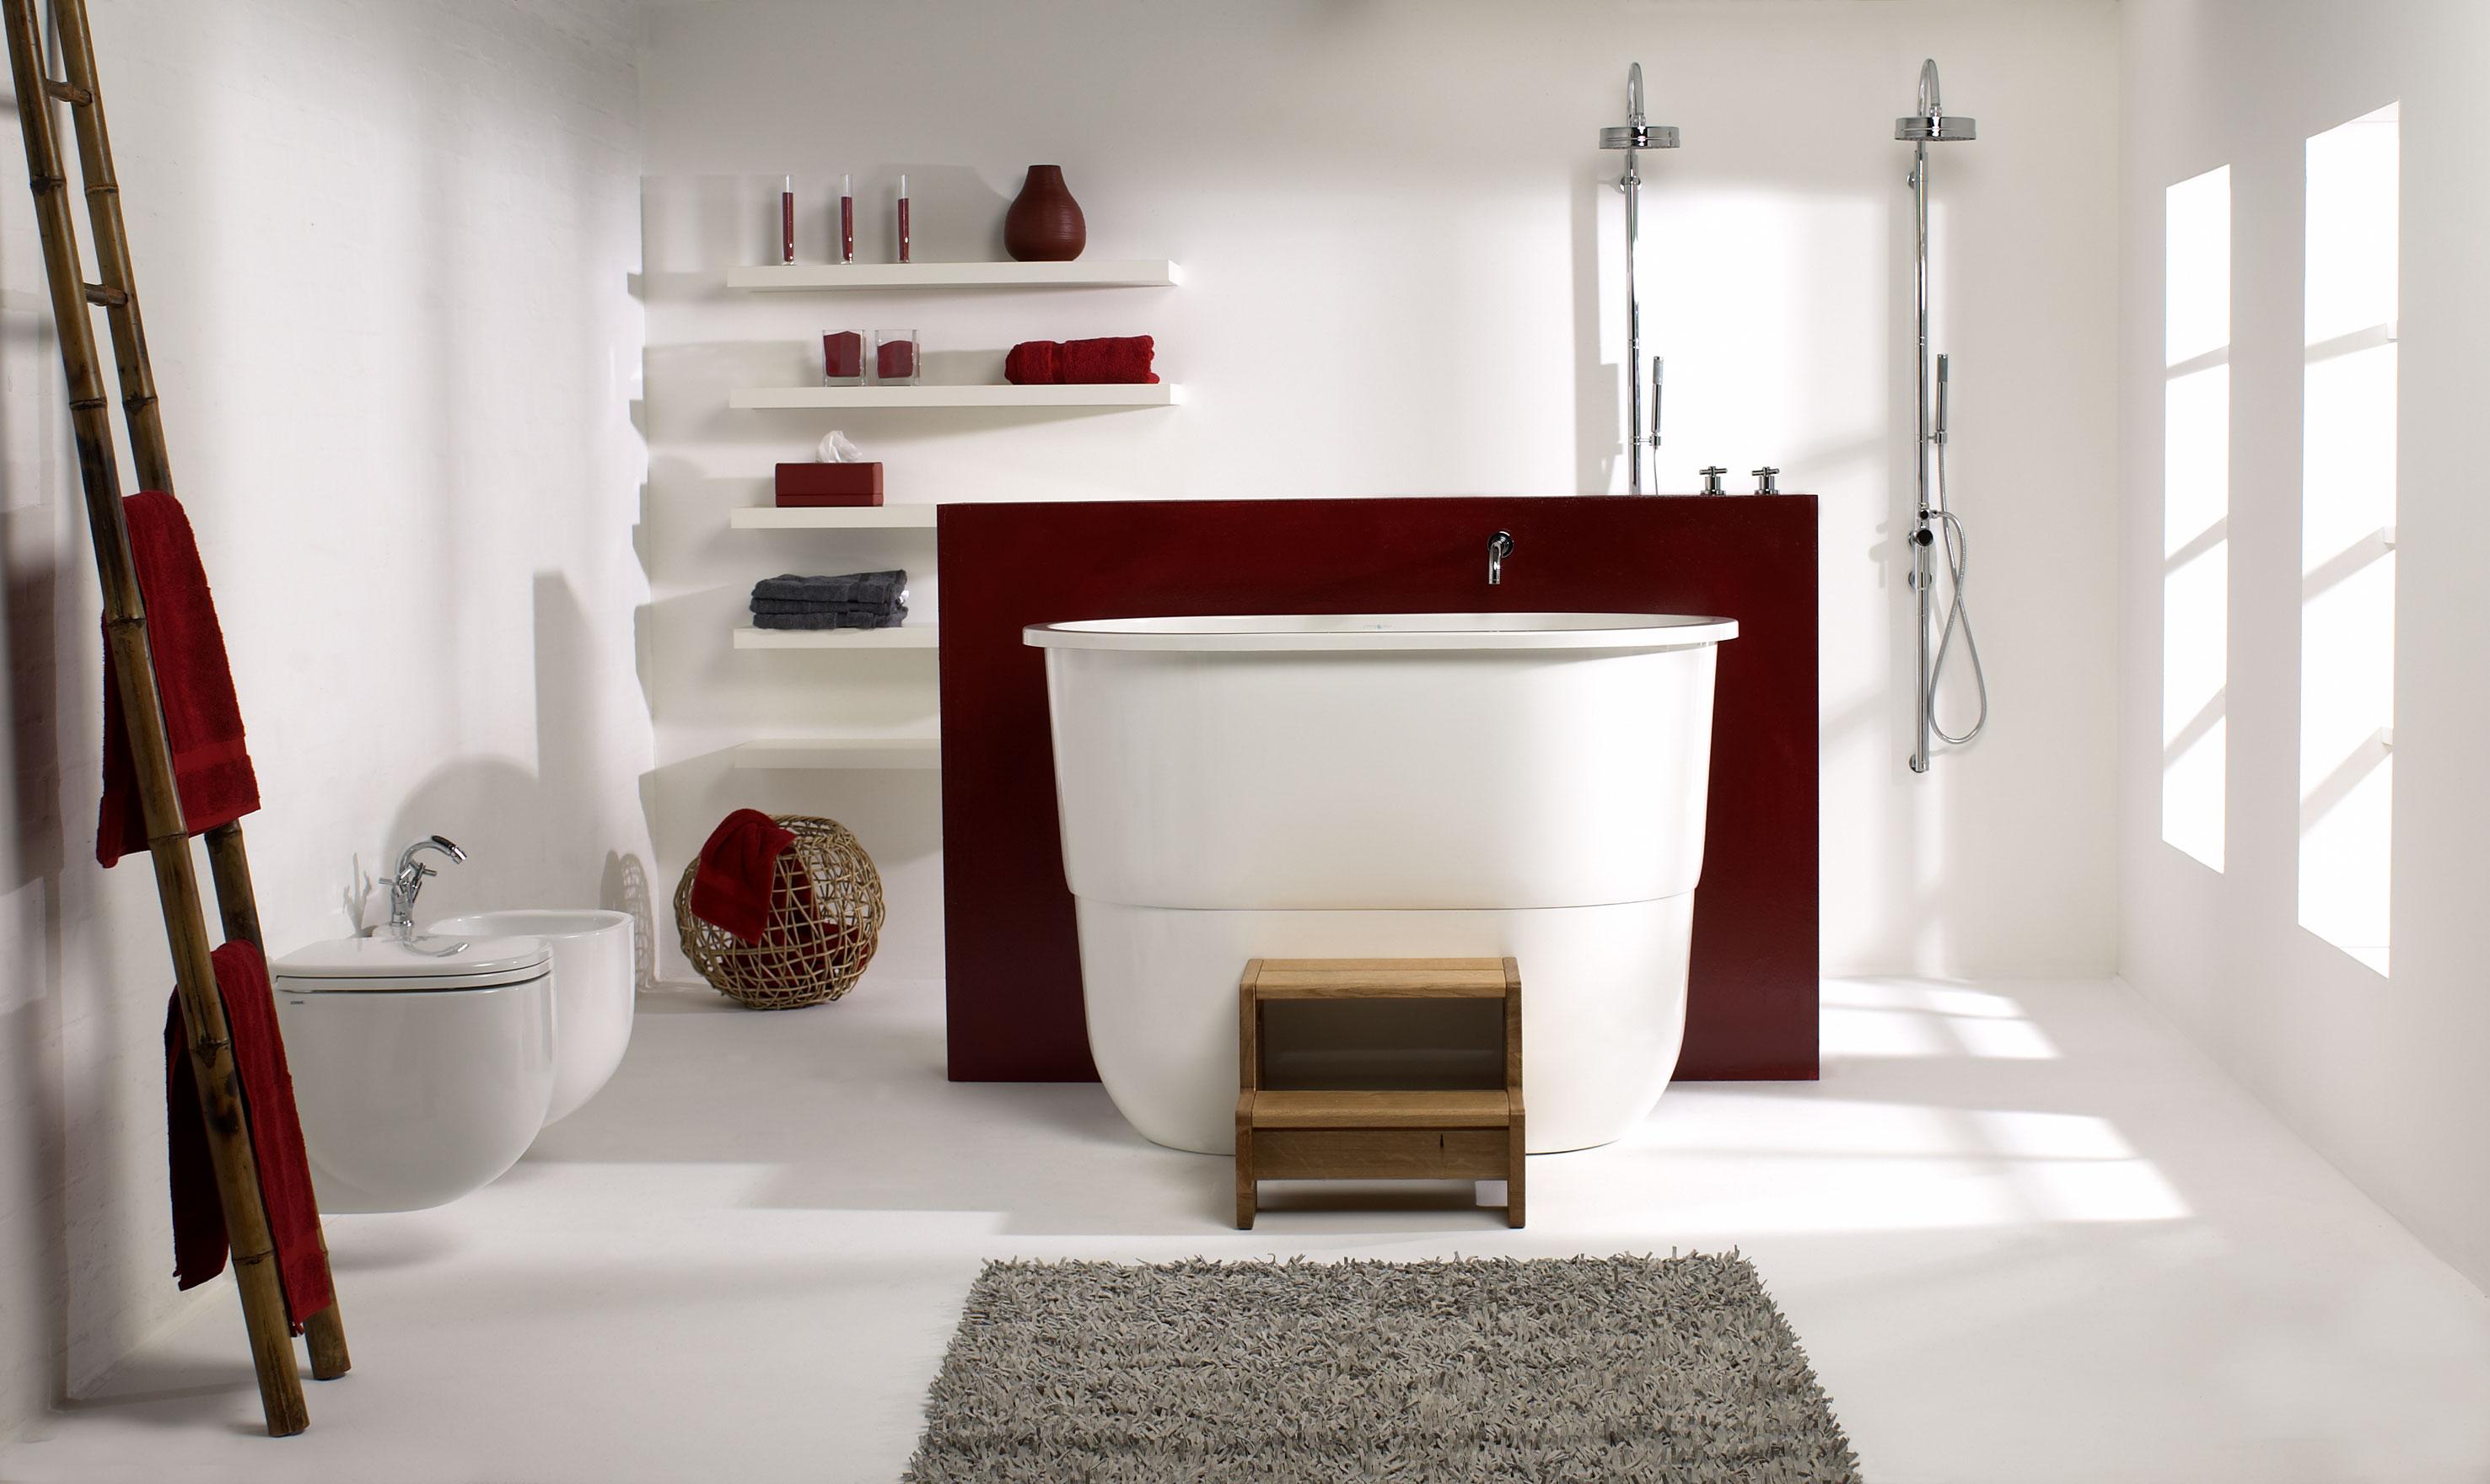 dicas de decoracao de banheiro com banheira moderna 4.jpg #3A130E 2953x1760 Banheira De Banheiro